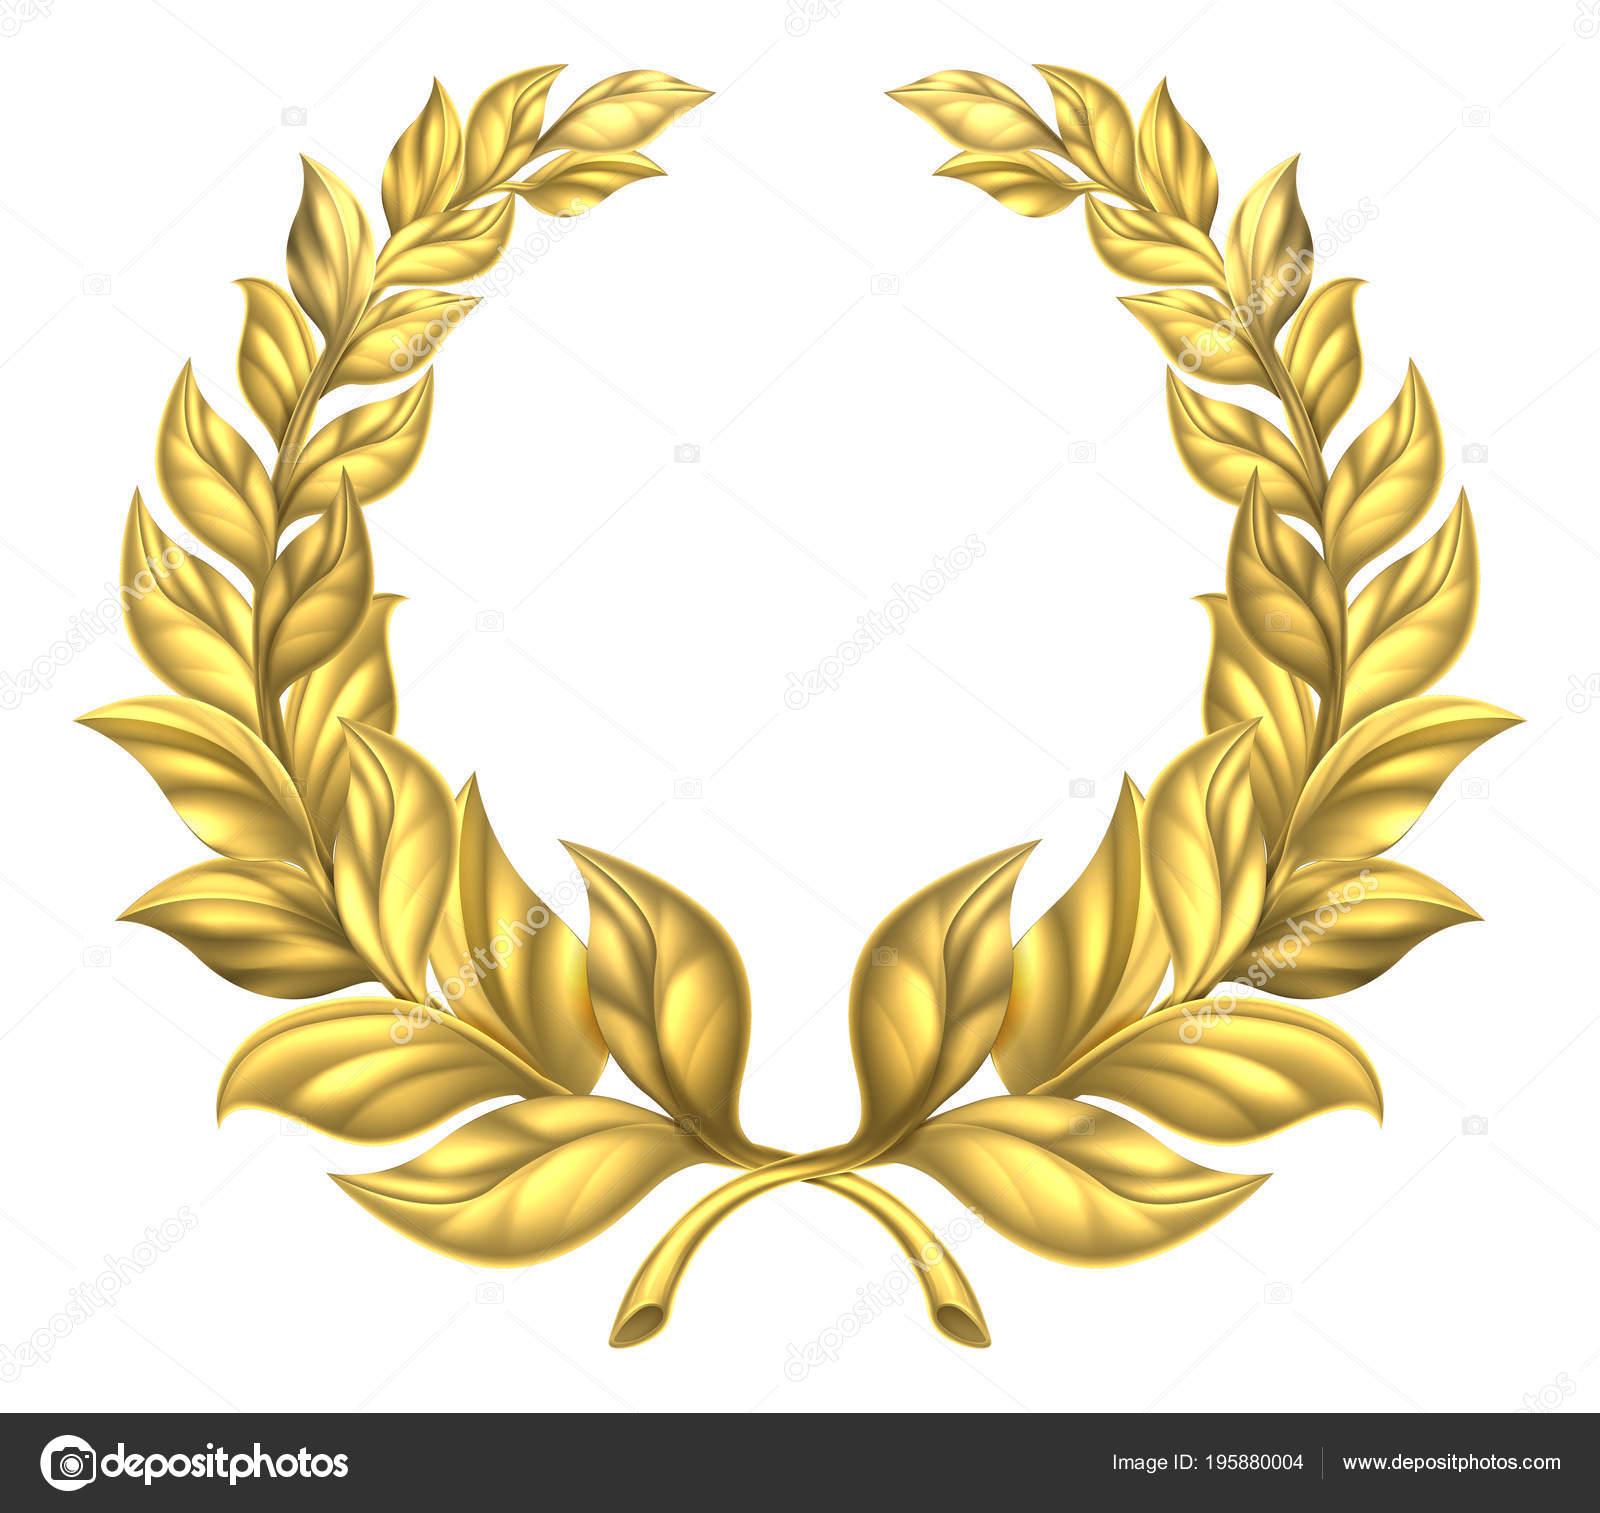 Zlatý vavřínový věnec — Stock Vektor © Krisdog  195880004 4b071c8e0b